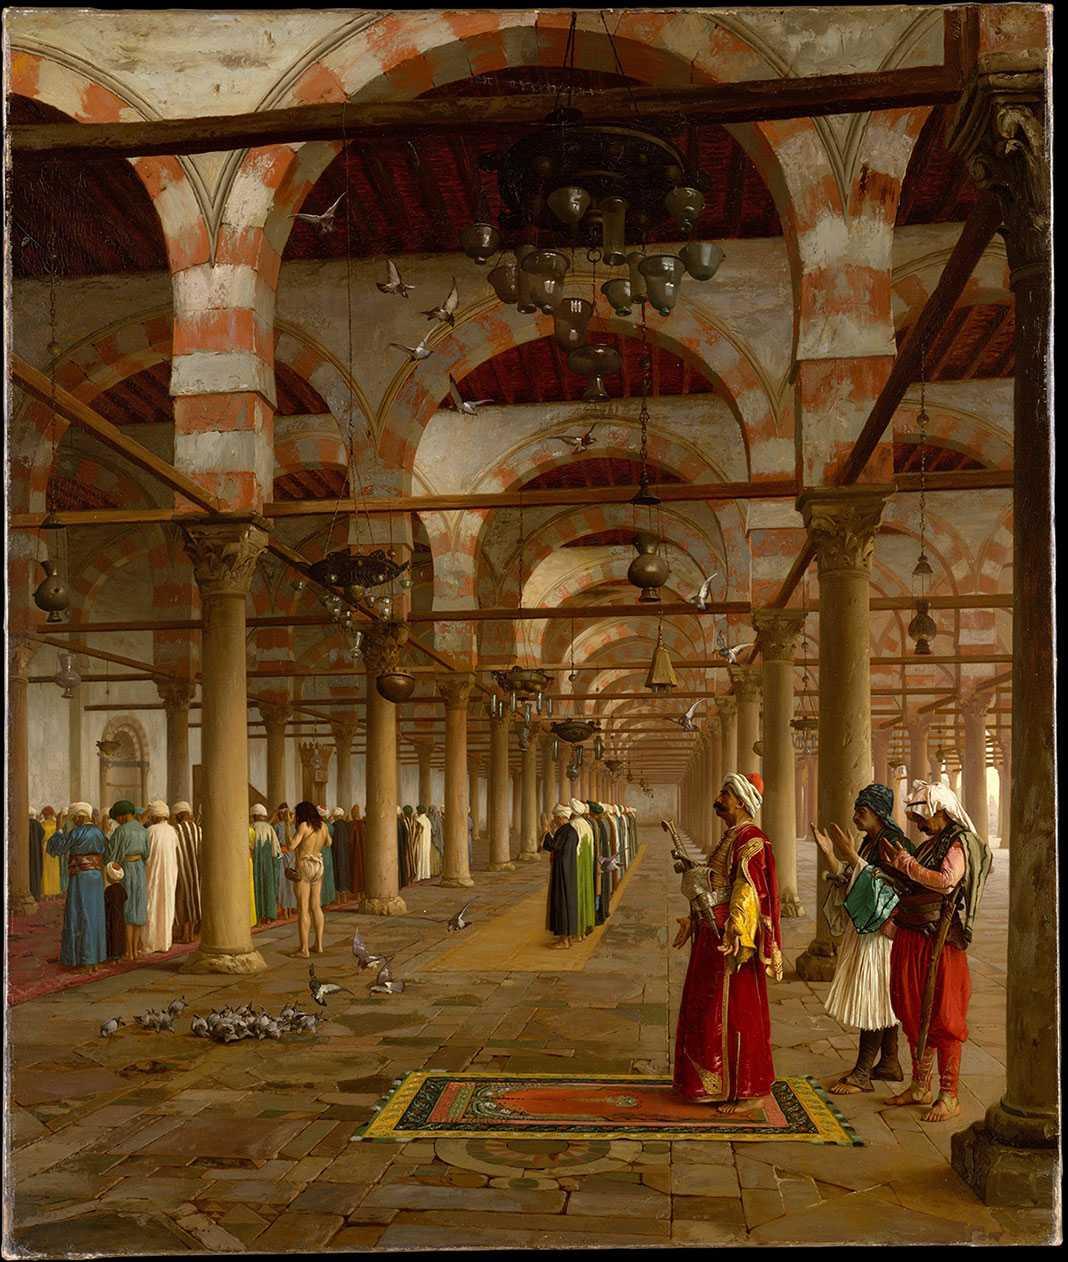 Jean-Léon Gérôme: Melampaui Orientalisme 13 lukisan jean-léon gérôme